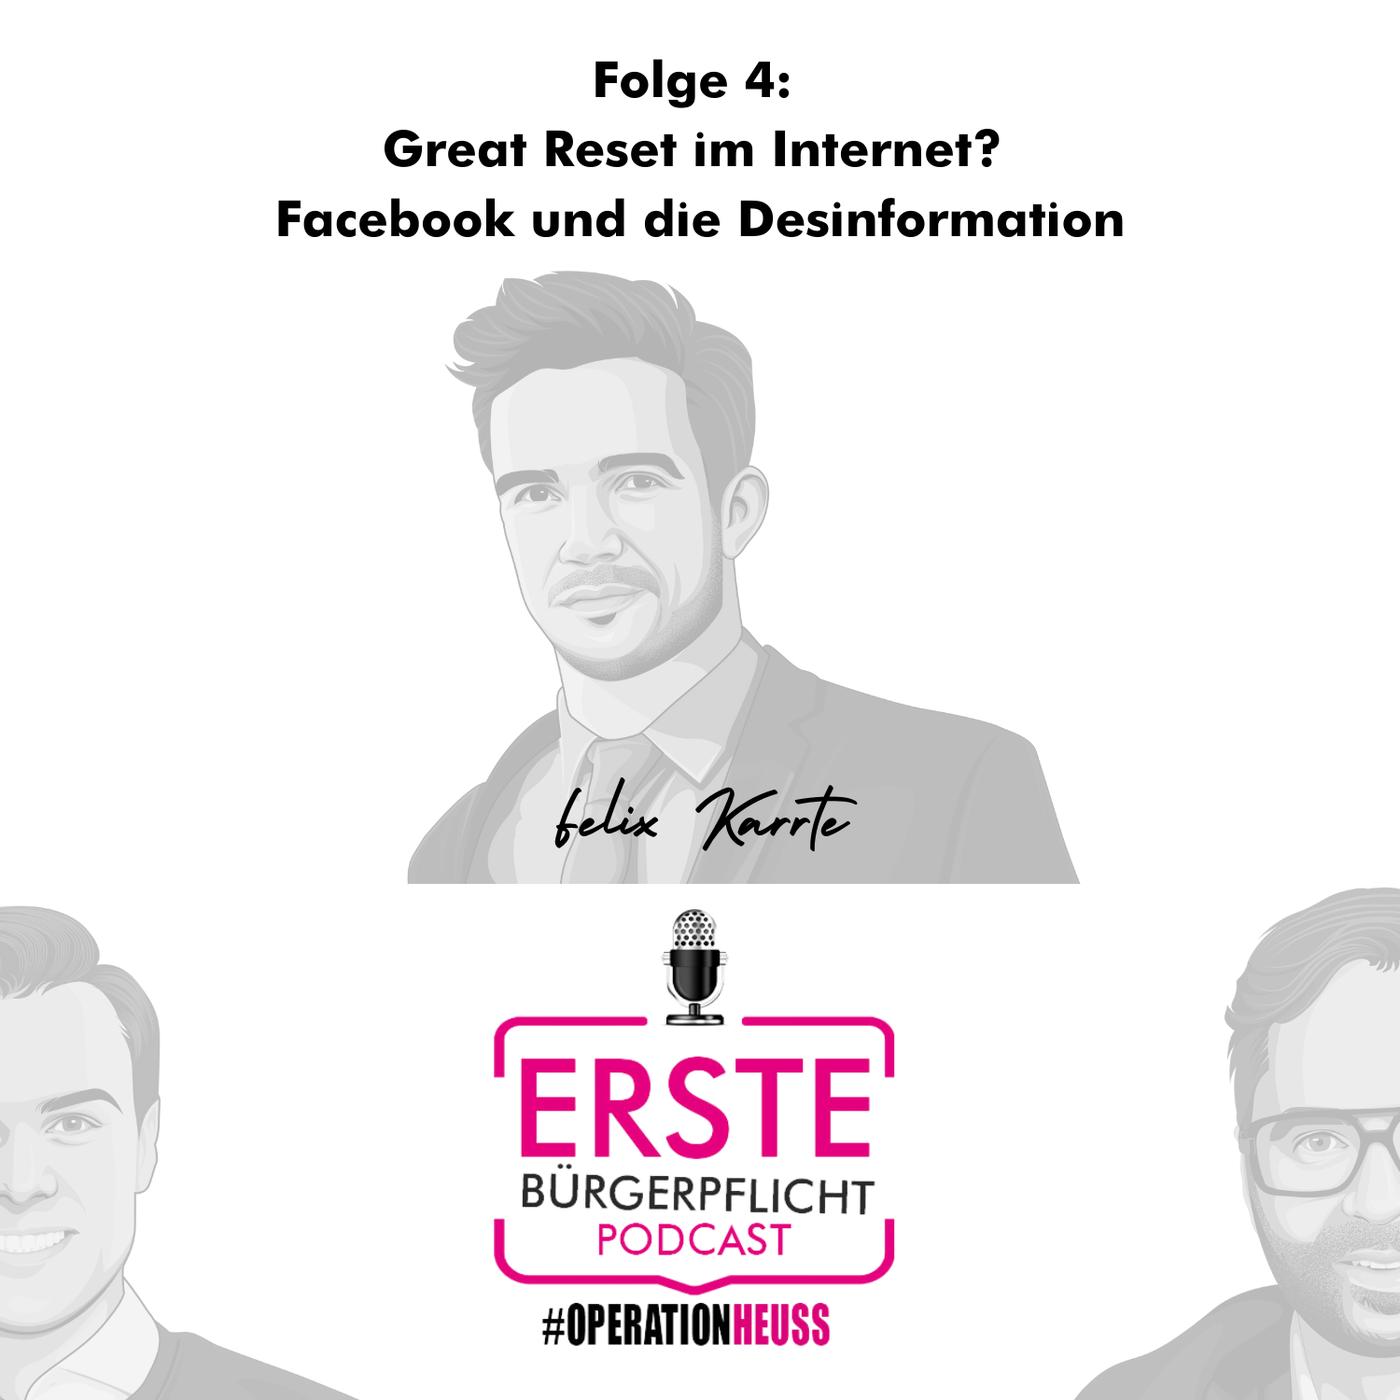 Great Reset im Internet? Facebook und die Desinformation